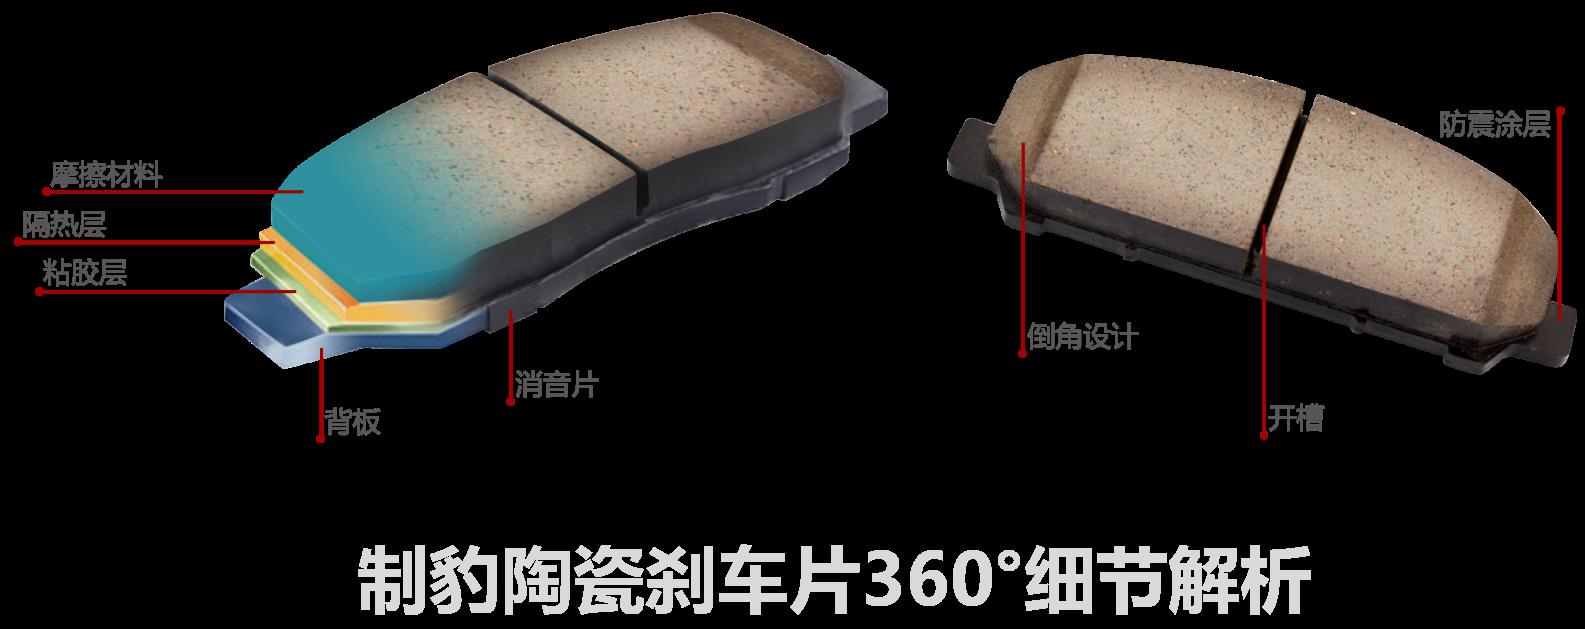 陶瓷刹车片特征